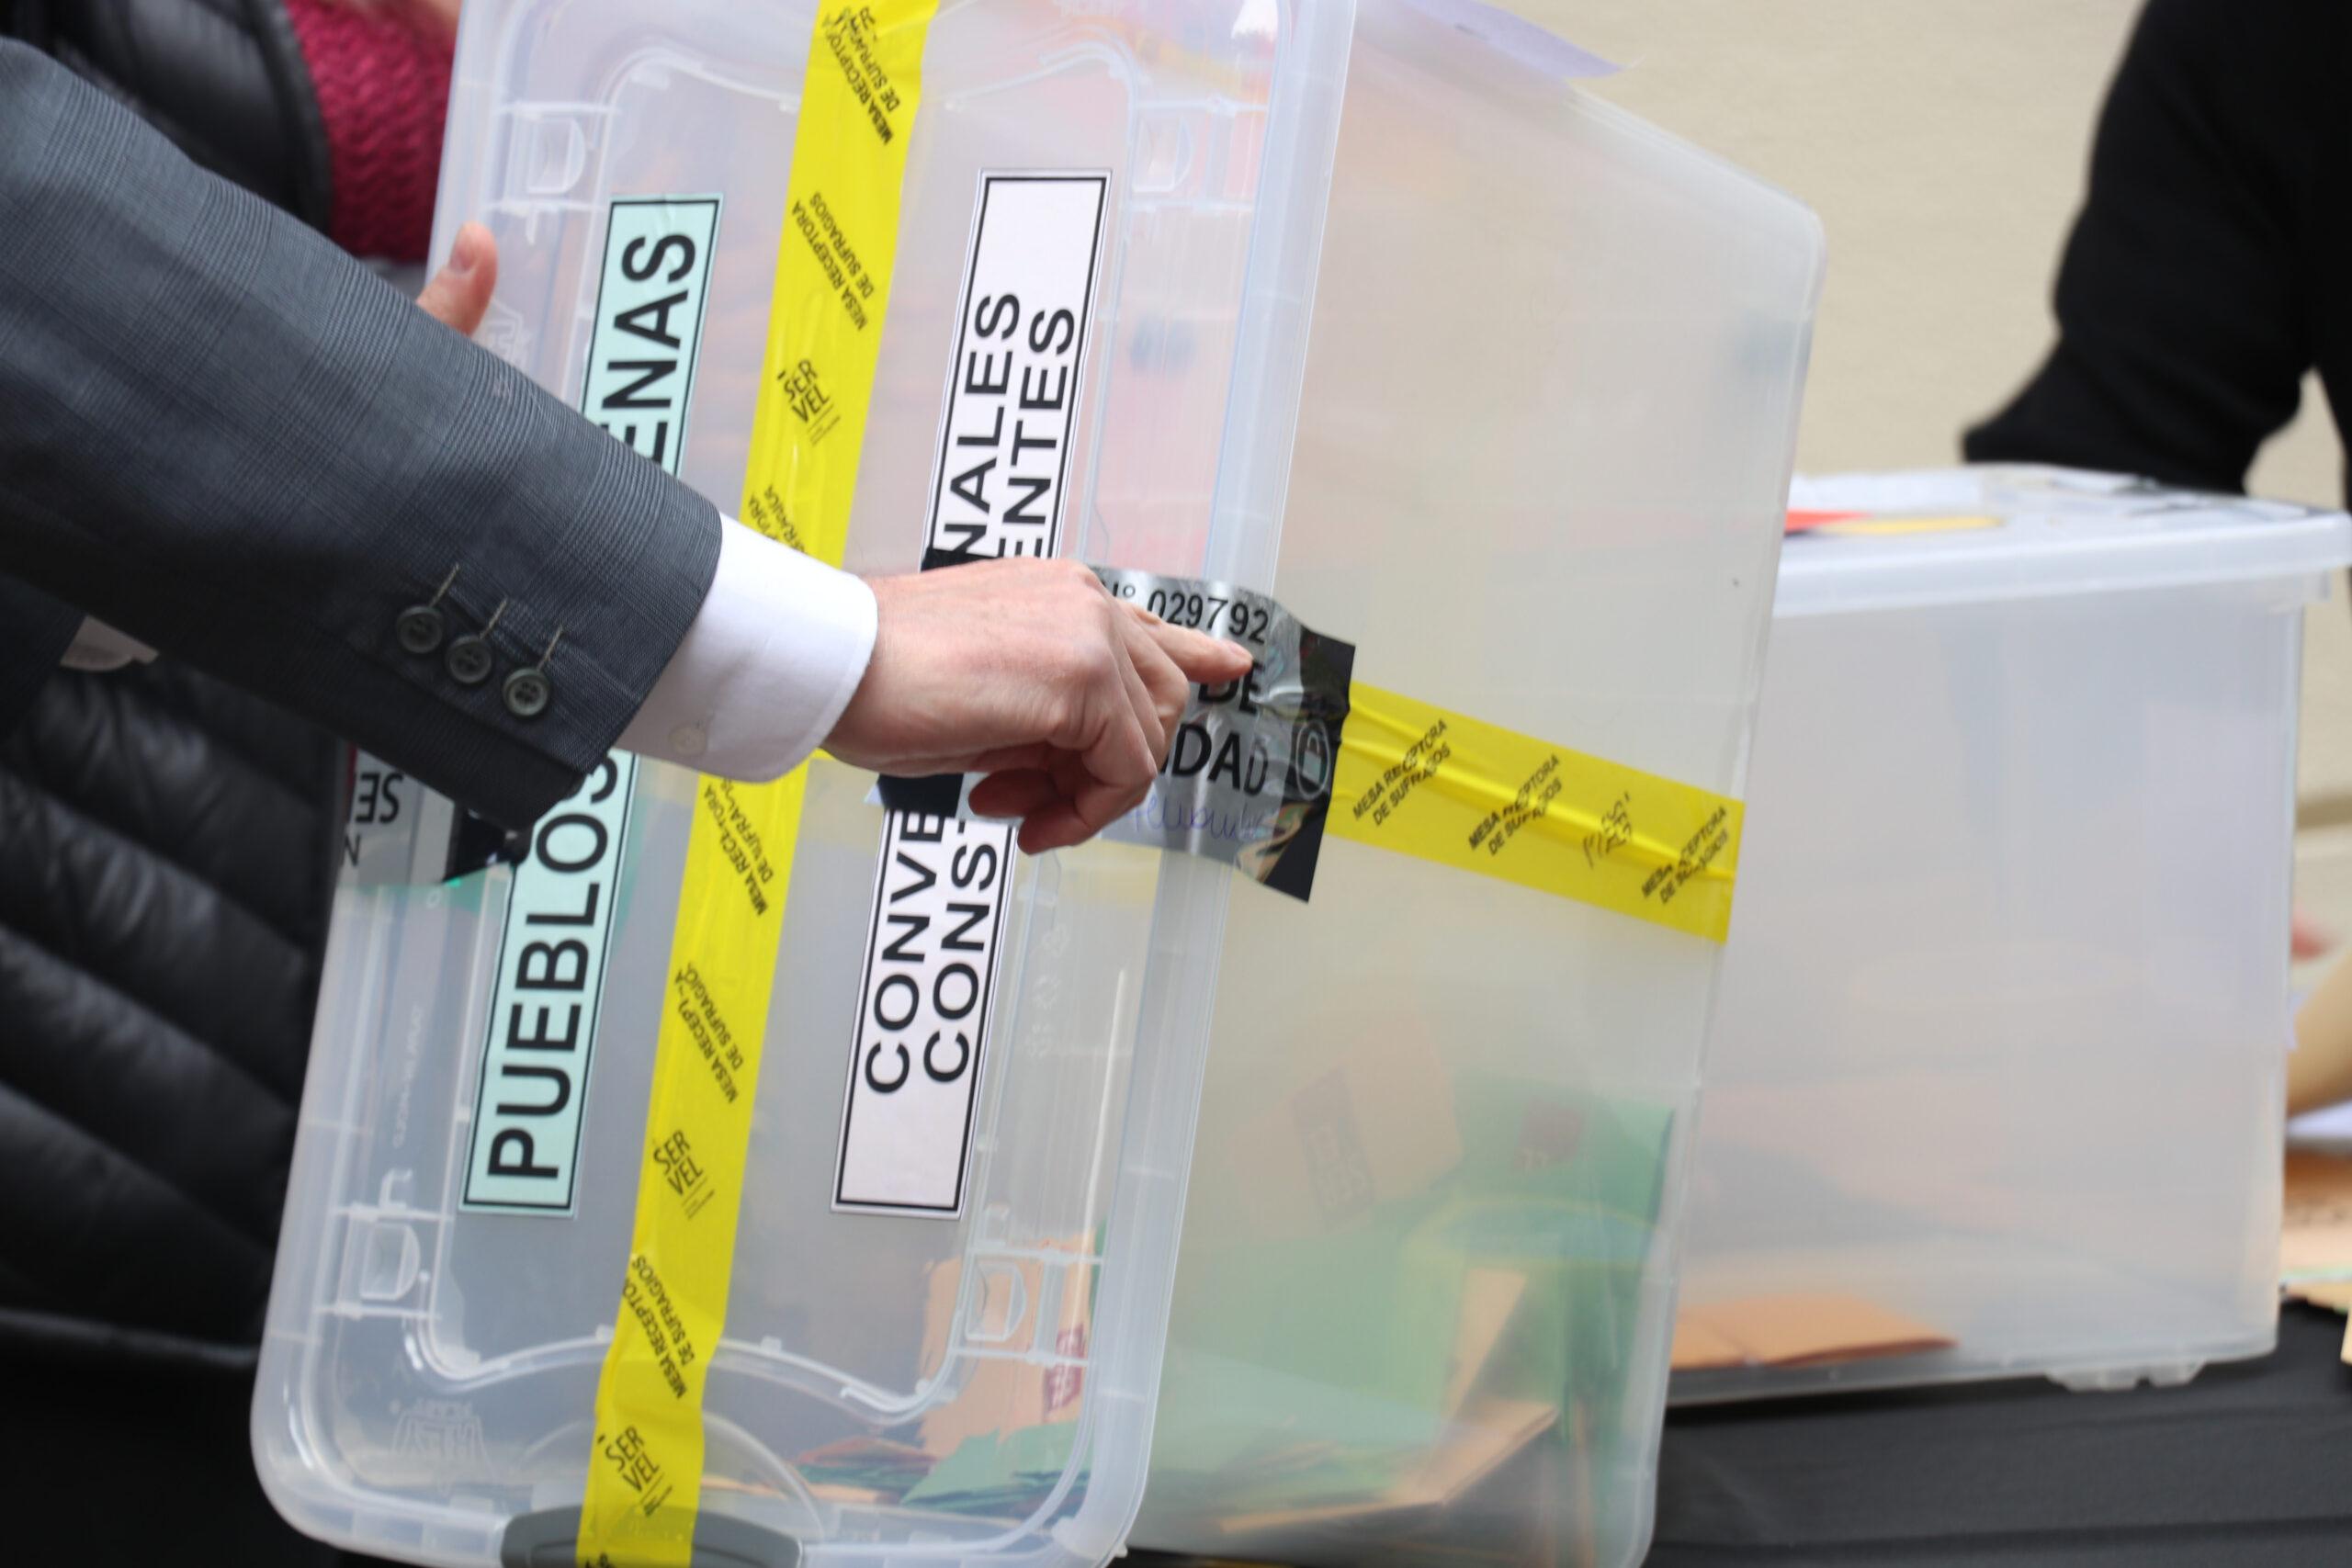 Servel exhibió el sellado y custodia de urnas y votos para la noche de este 15 de mayo